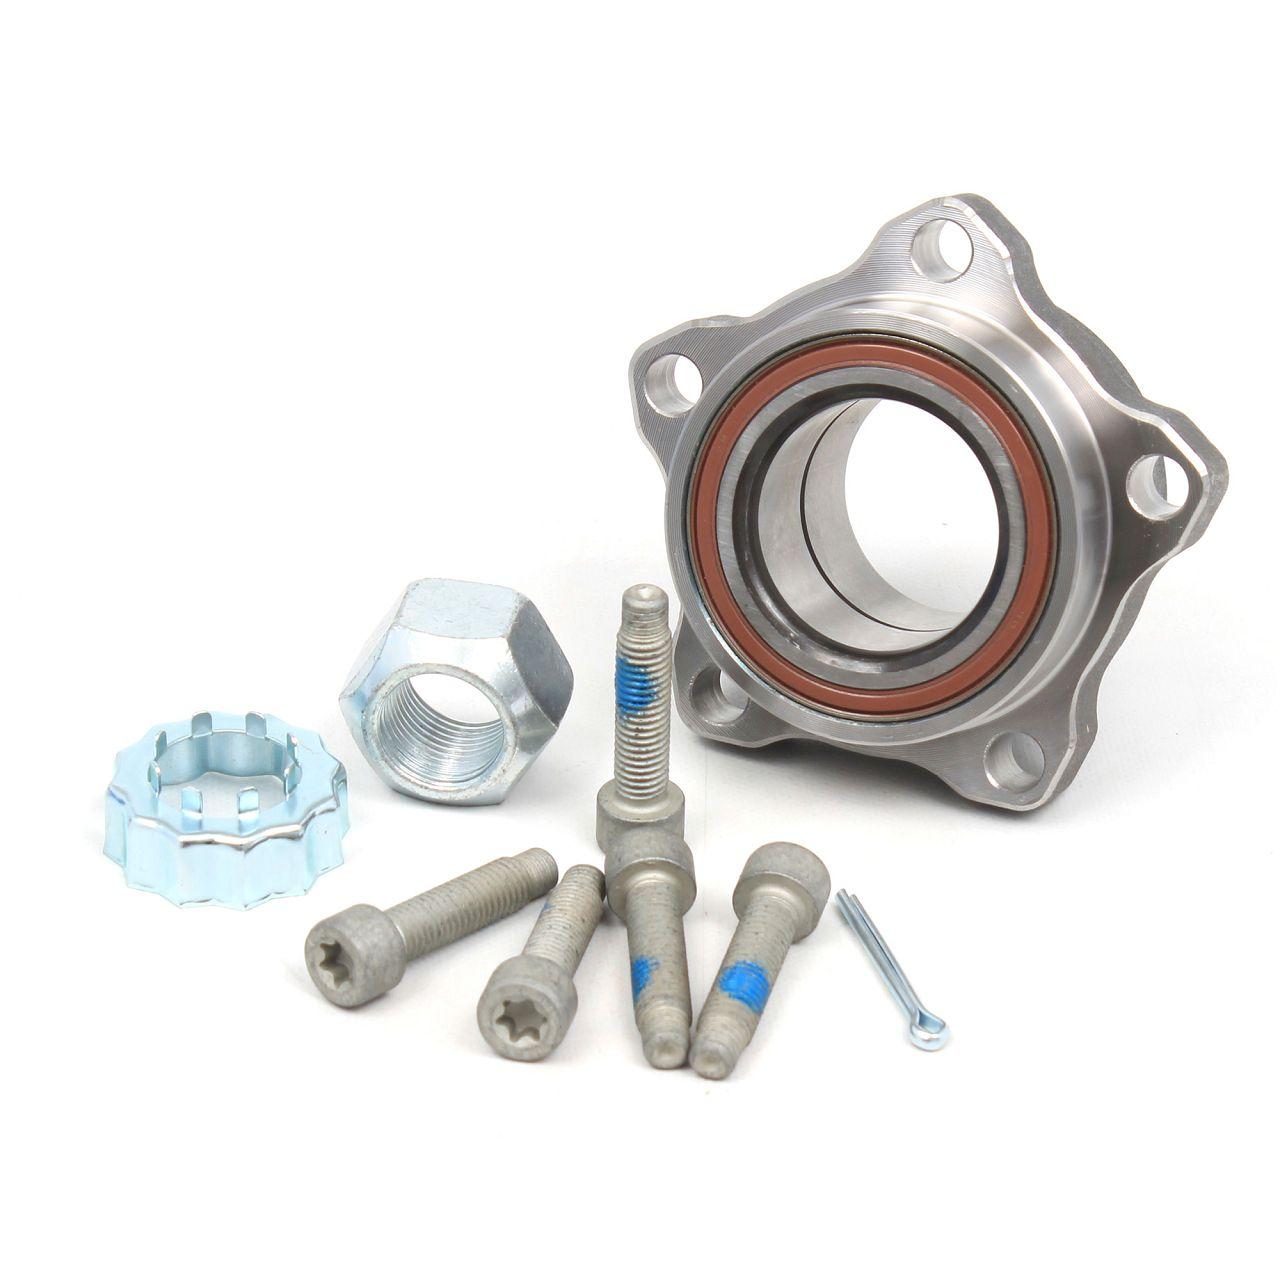 2x SKF Radnabe Reparatursatz für FORD TRANSIT bis 1750kg ab 04.2006 vorne